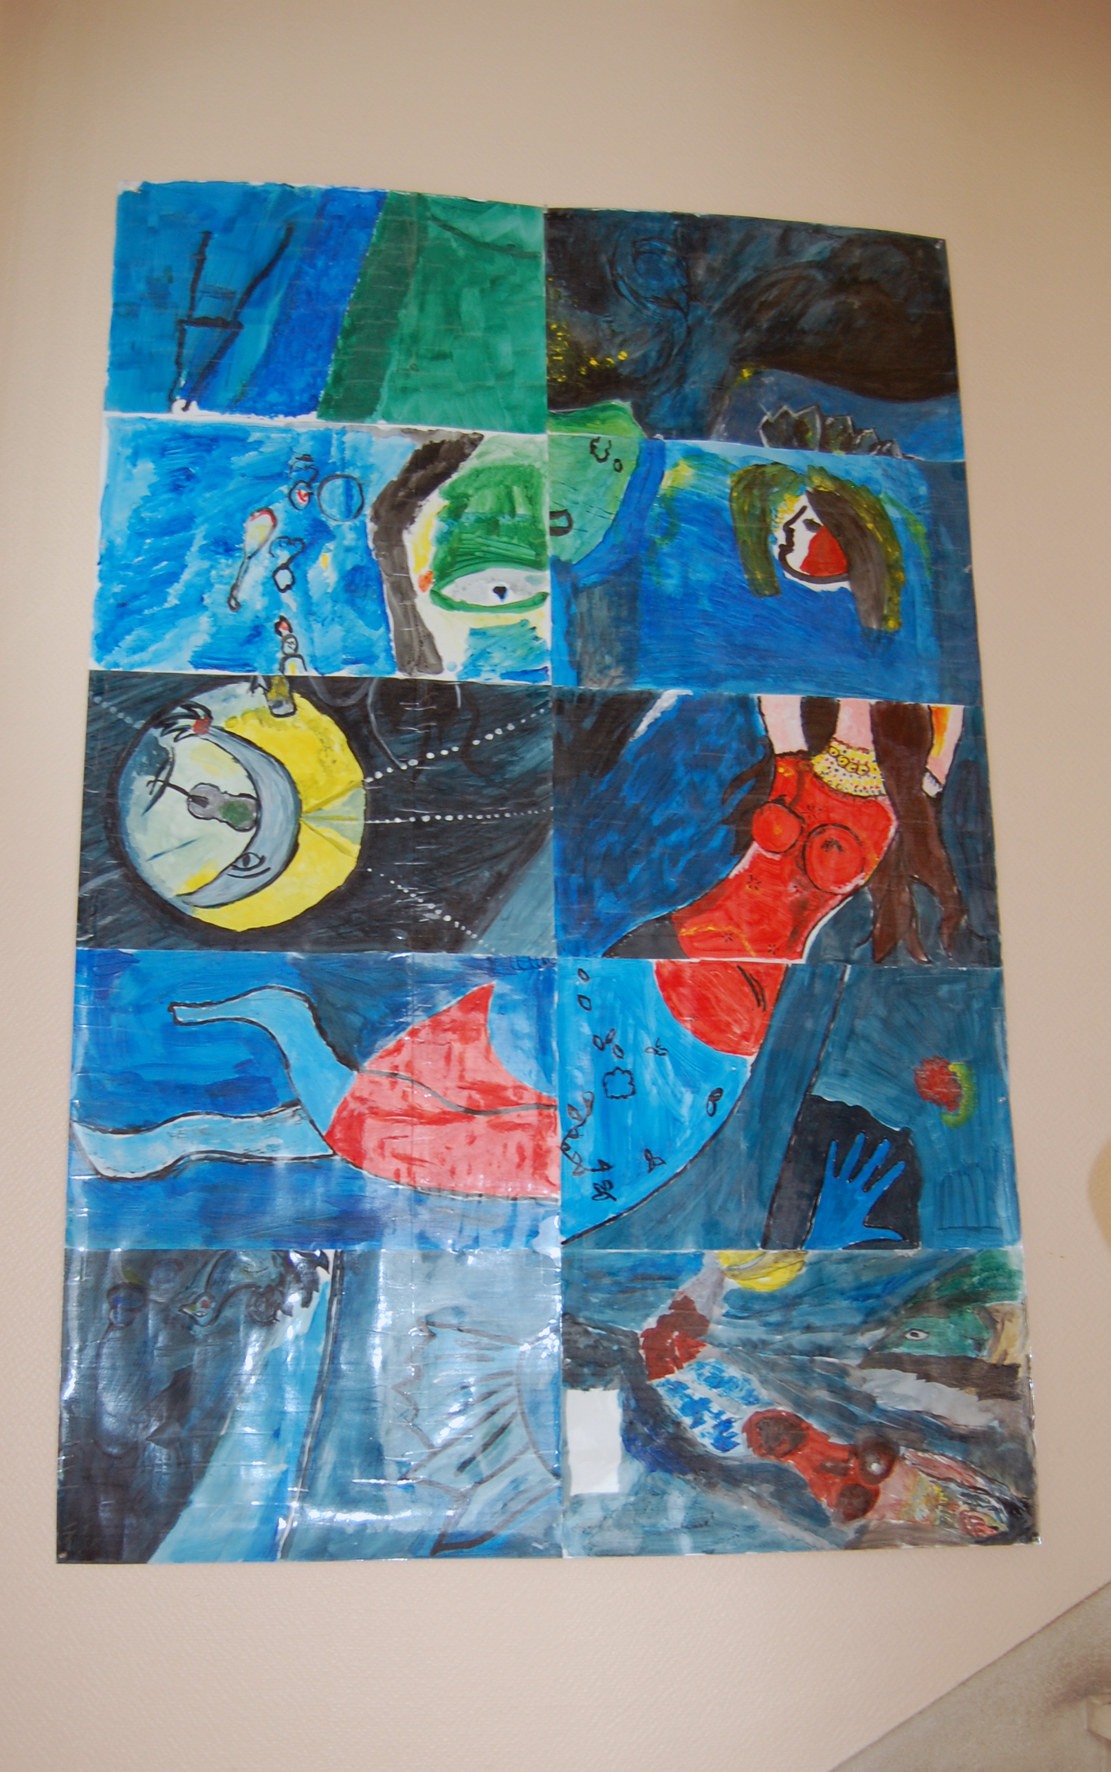 œuvre réalisée par les patients avec des élèves de l'école des Beaux-arts